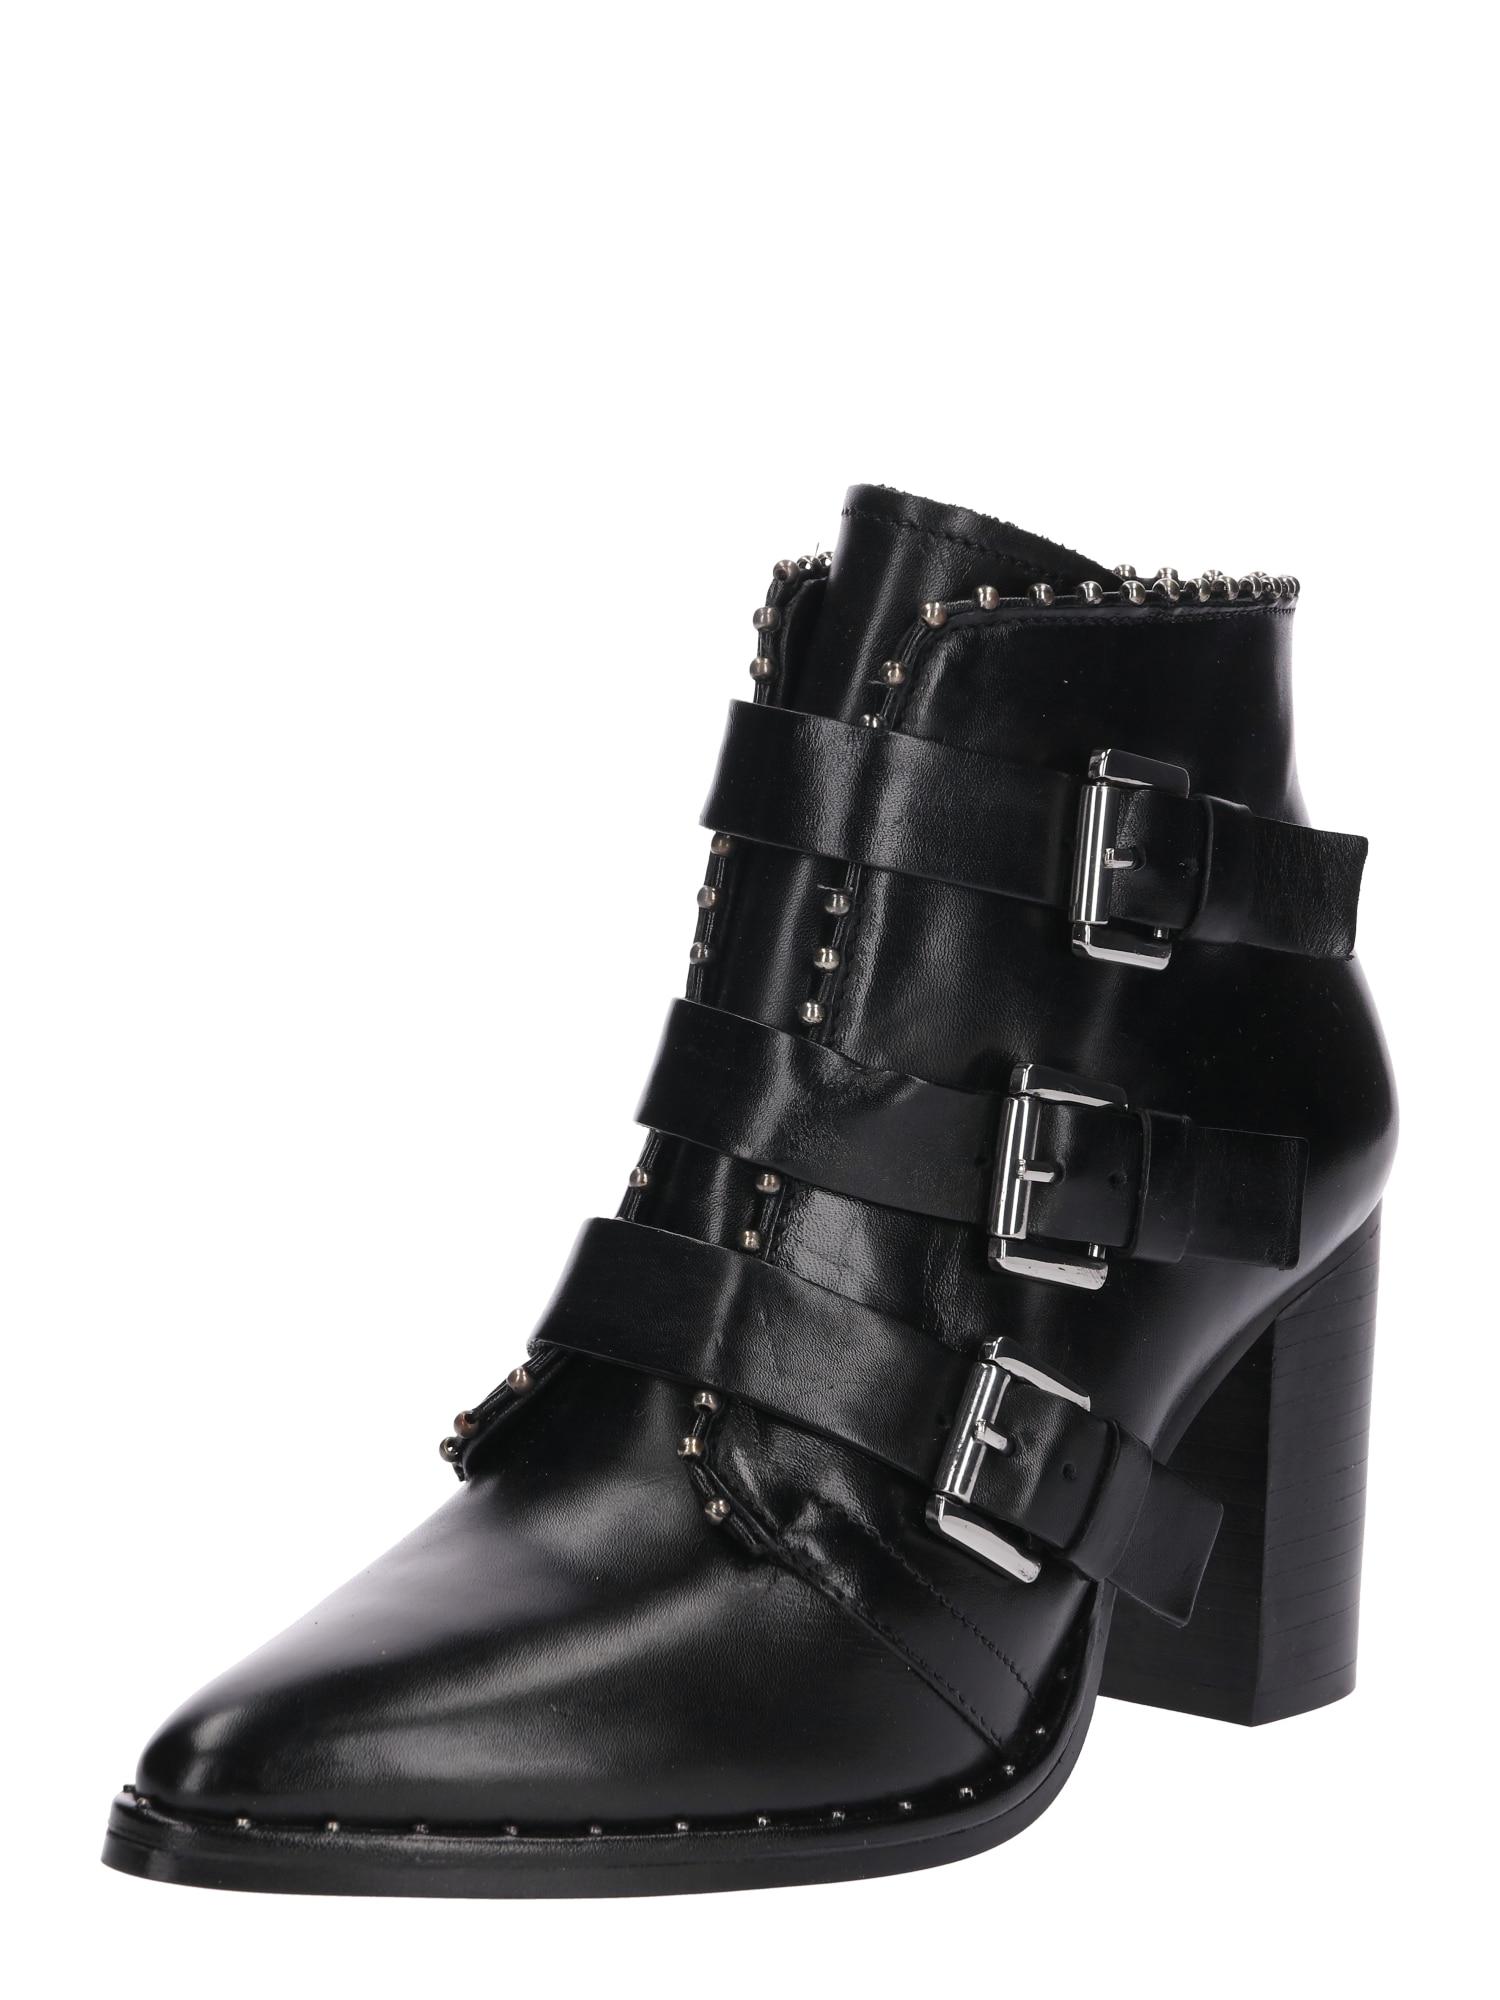 Kotníkové boty Huball černá SPM